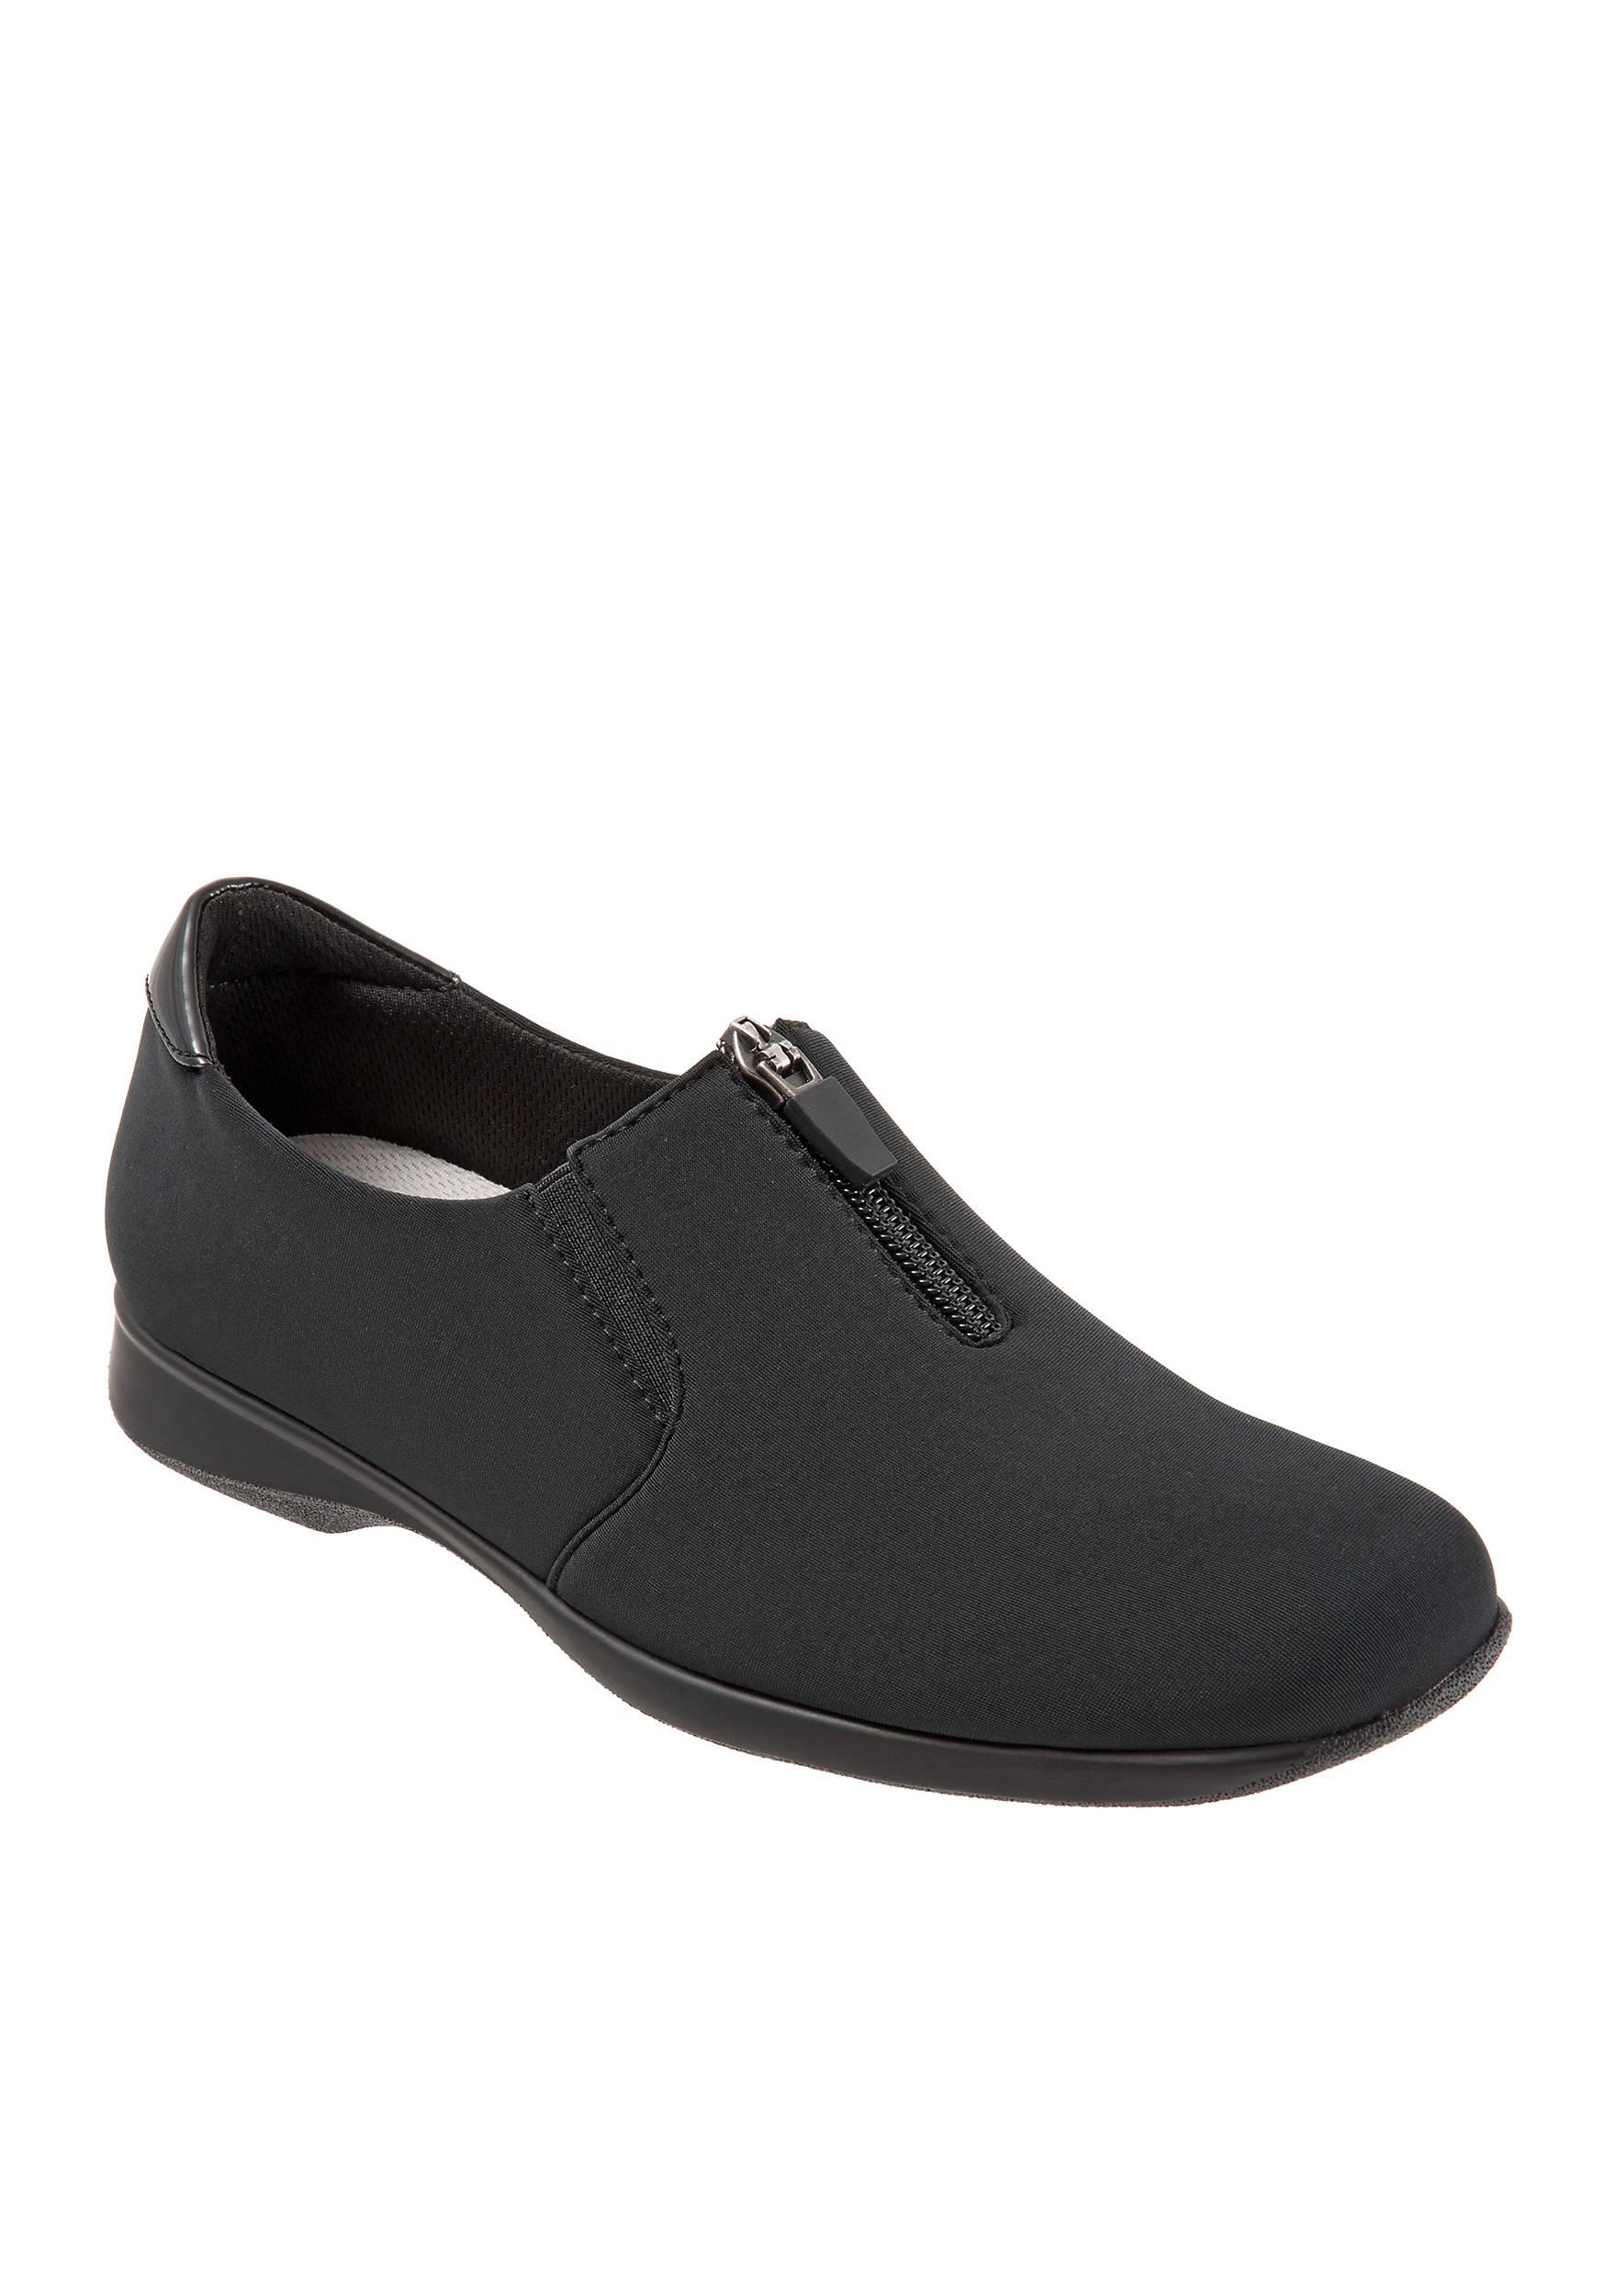 Trotters Jacey Comfort Shoe LHhj0U3b3